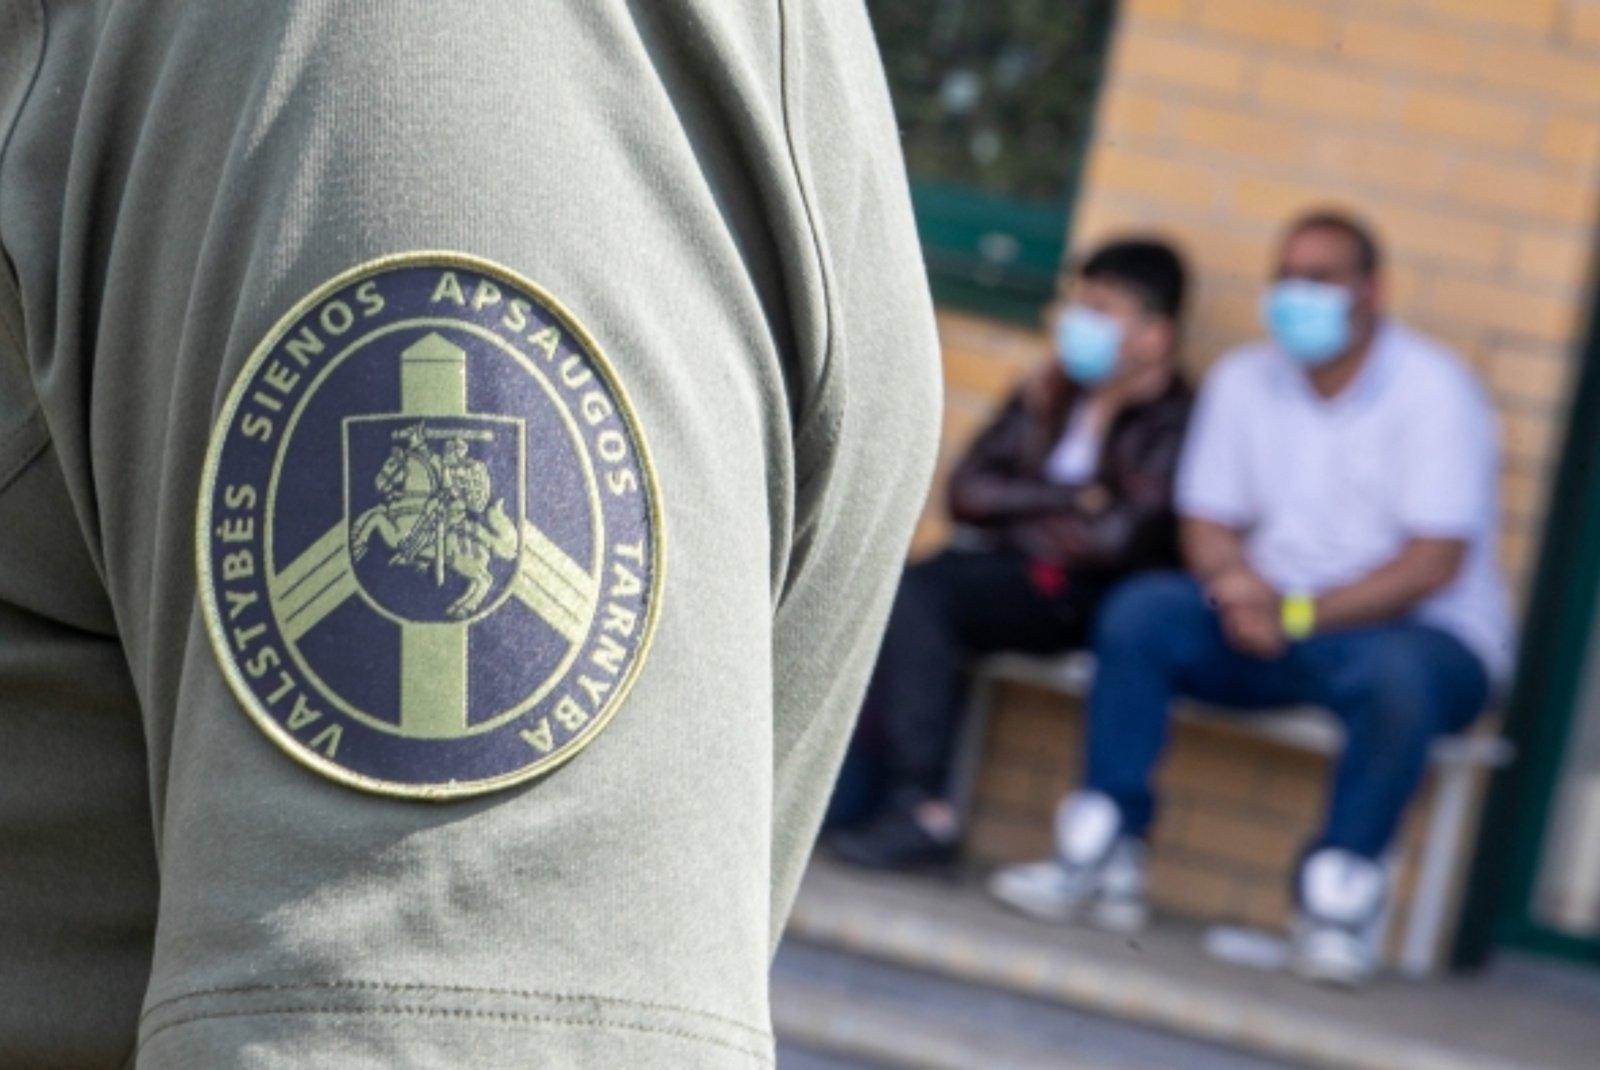 Siūloma ilginti laisvės atėmimo terminą nelegalios migracijos per Lietuvos sieną organizatoriams